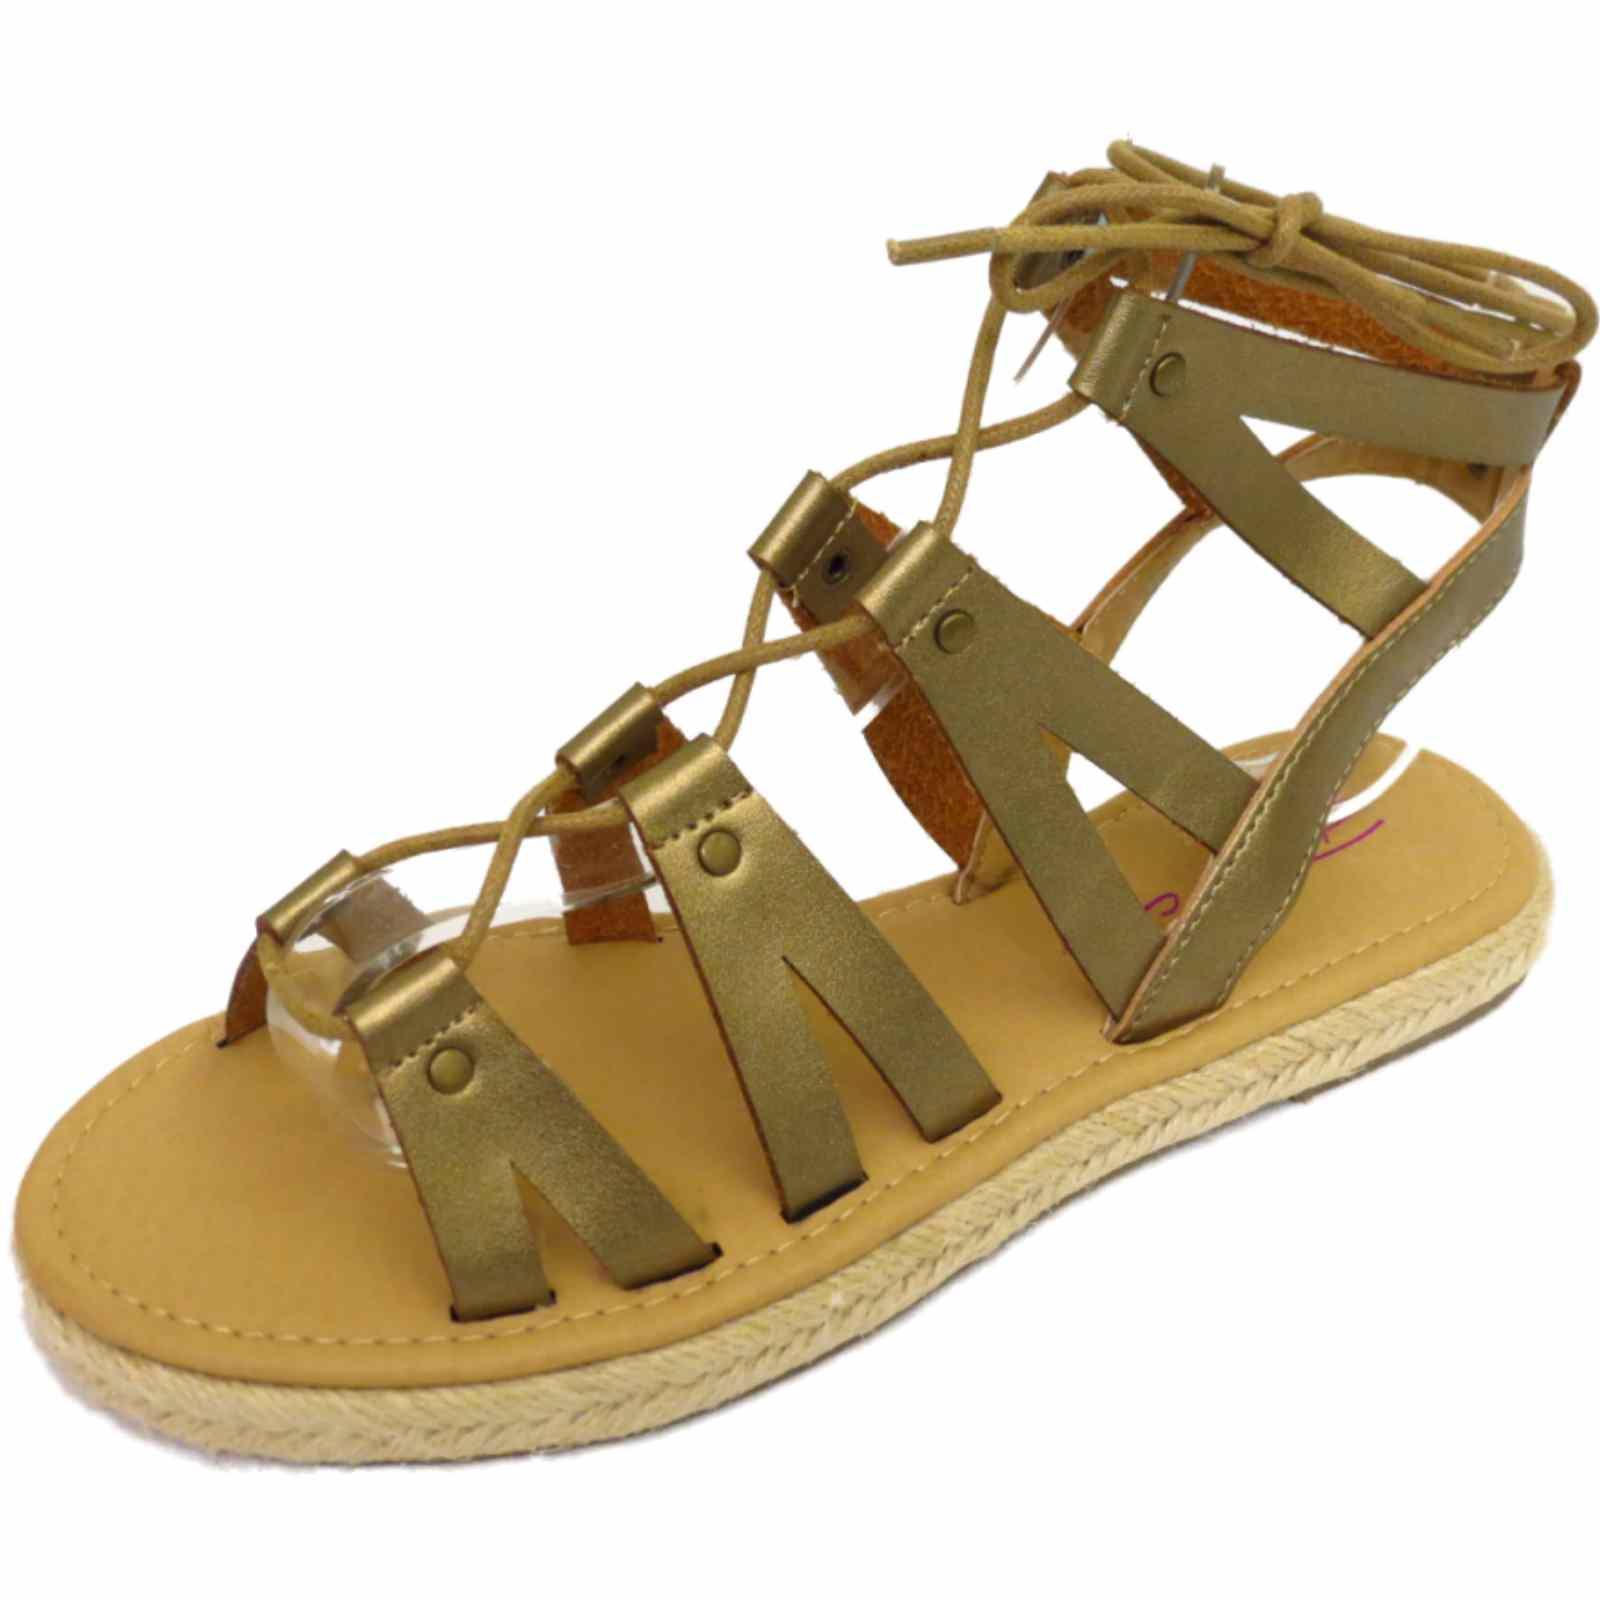 damen dolcis flach zum schn ren gladiator riemchen sandalen schuhe peep toe ebay. Black Bedroom Furniture Sets. Home Design Ideas